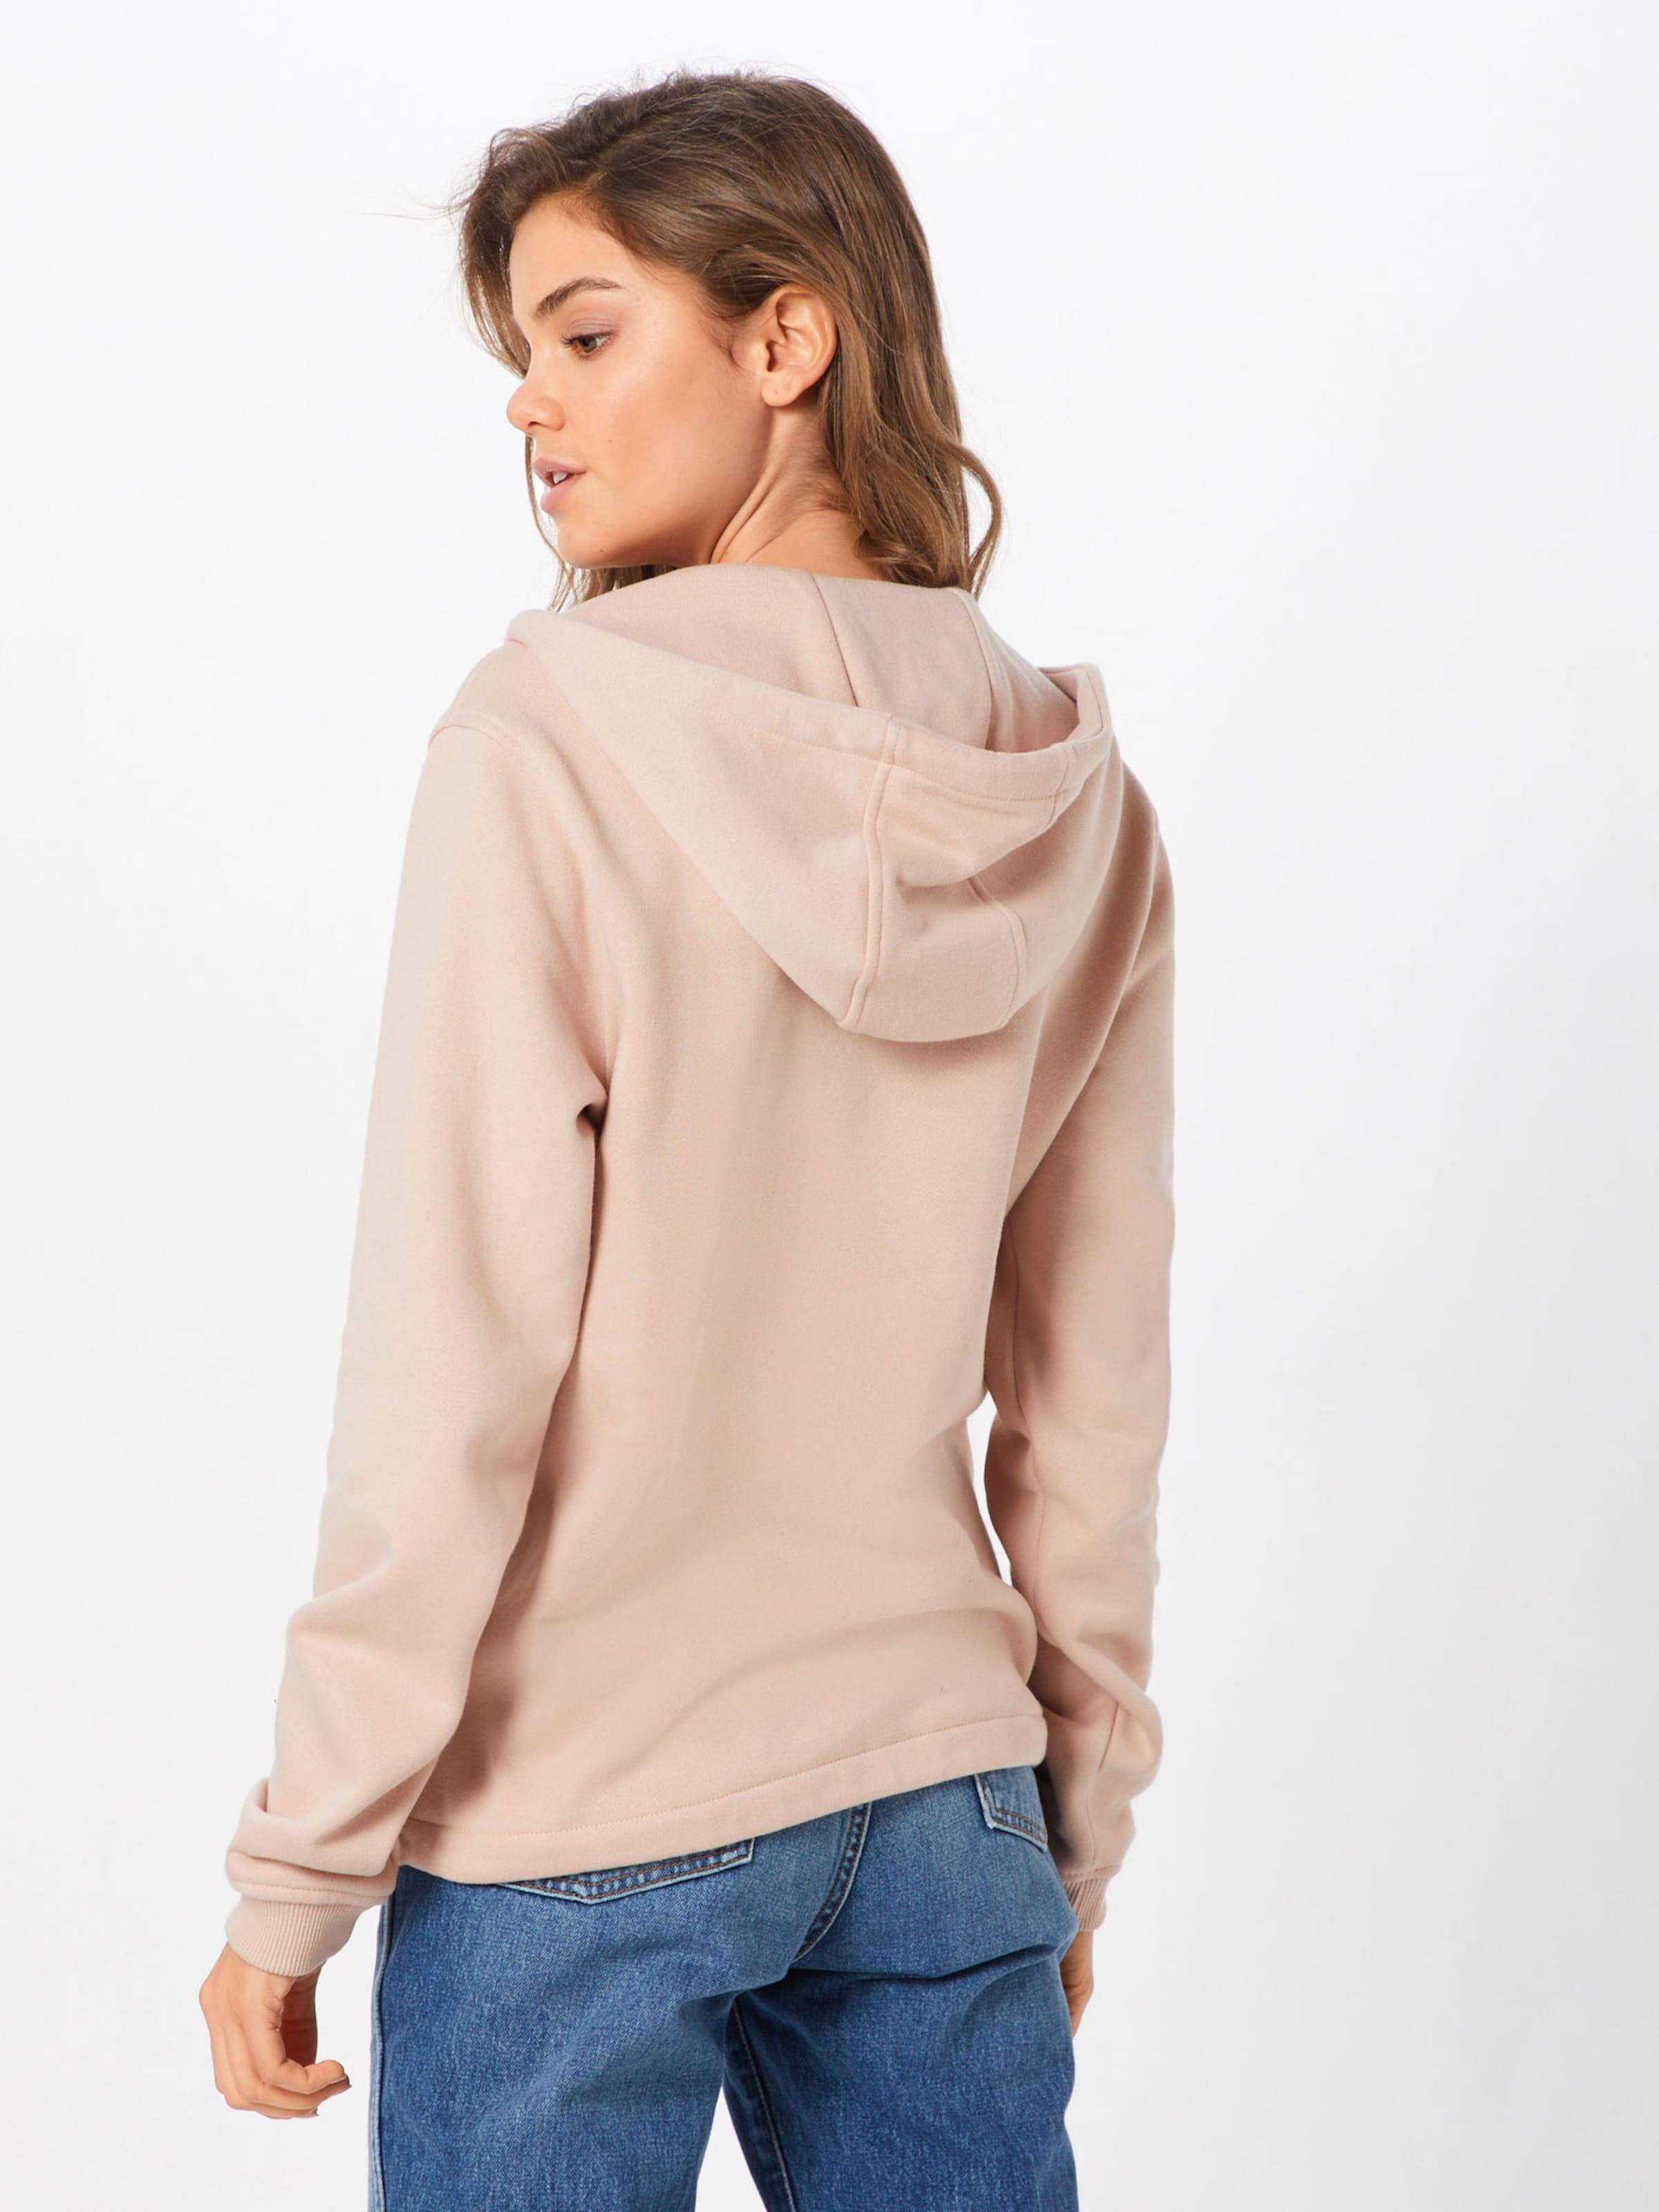 Sweat Poudre Urban shirt En Classics 5jAL3R4